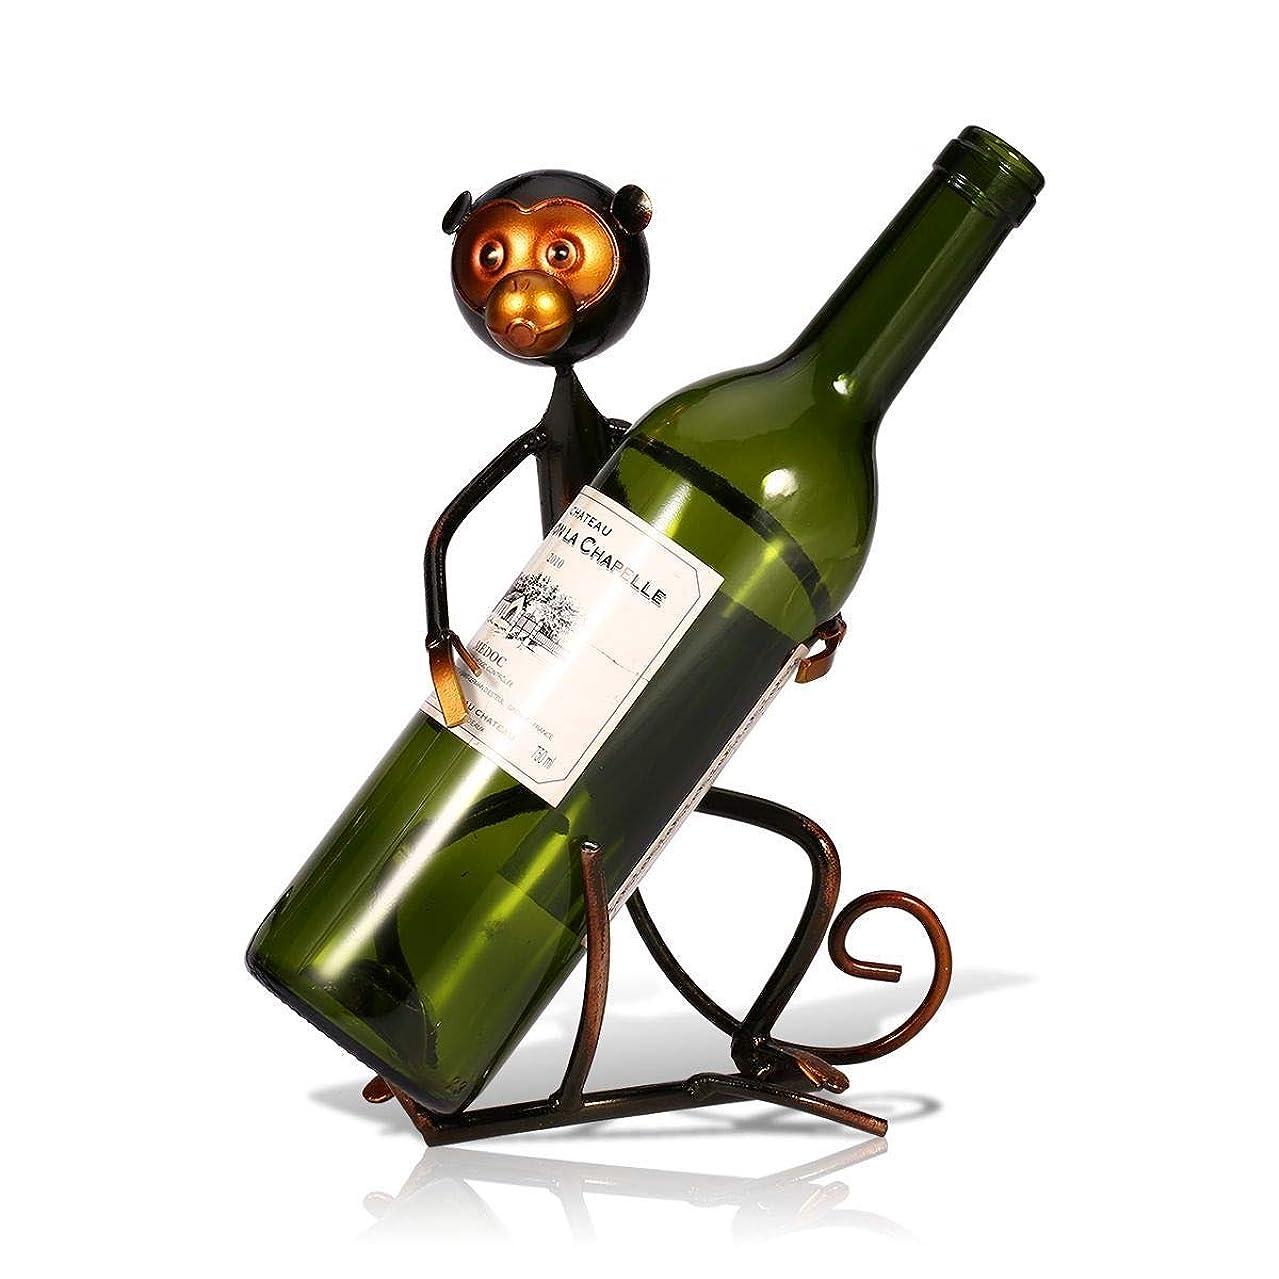 通信網飛ぶスリチンモイShiSyan 置物 贈り物 金属モンキー形状ワインワインは、ホームデスクトップポーチデコレーションバーレストランの装飾レトロ古いクラフトクリエイティブパーソナリティスタイリッシュで美しいラック プレゼント